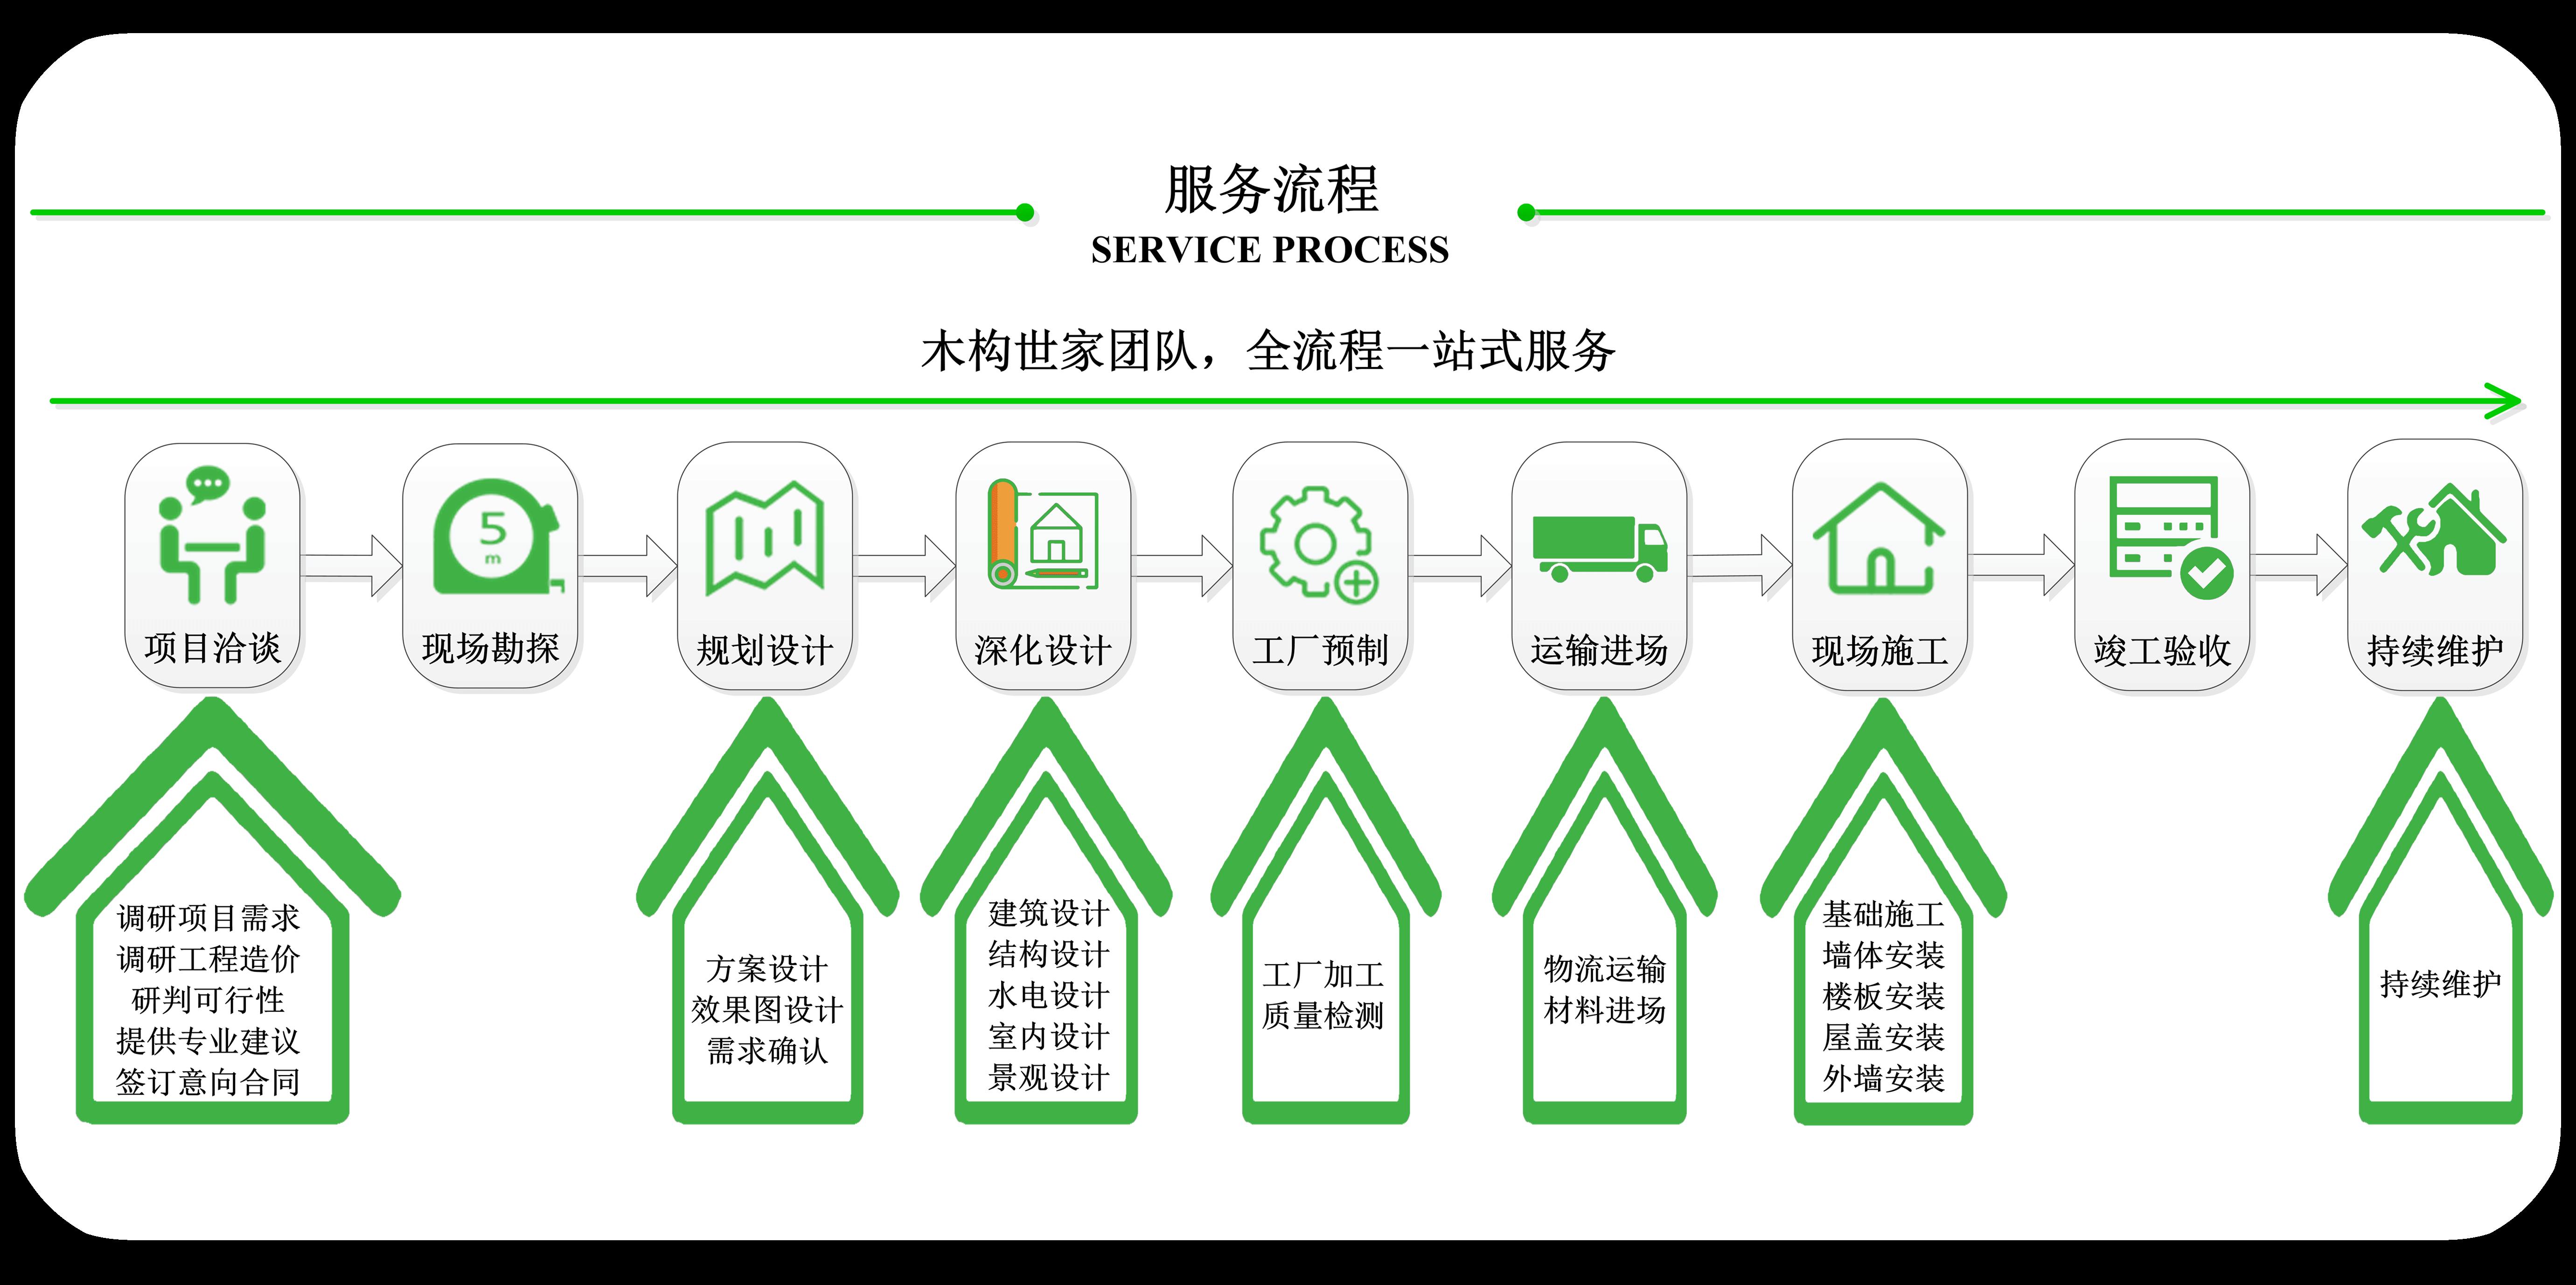 永禾木屋服务流程